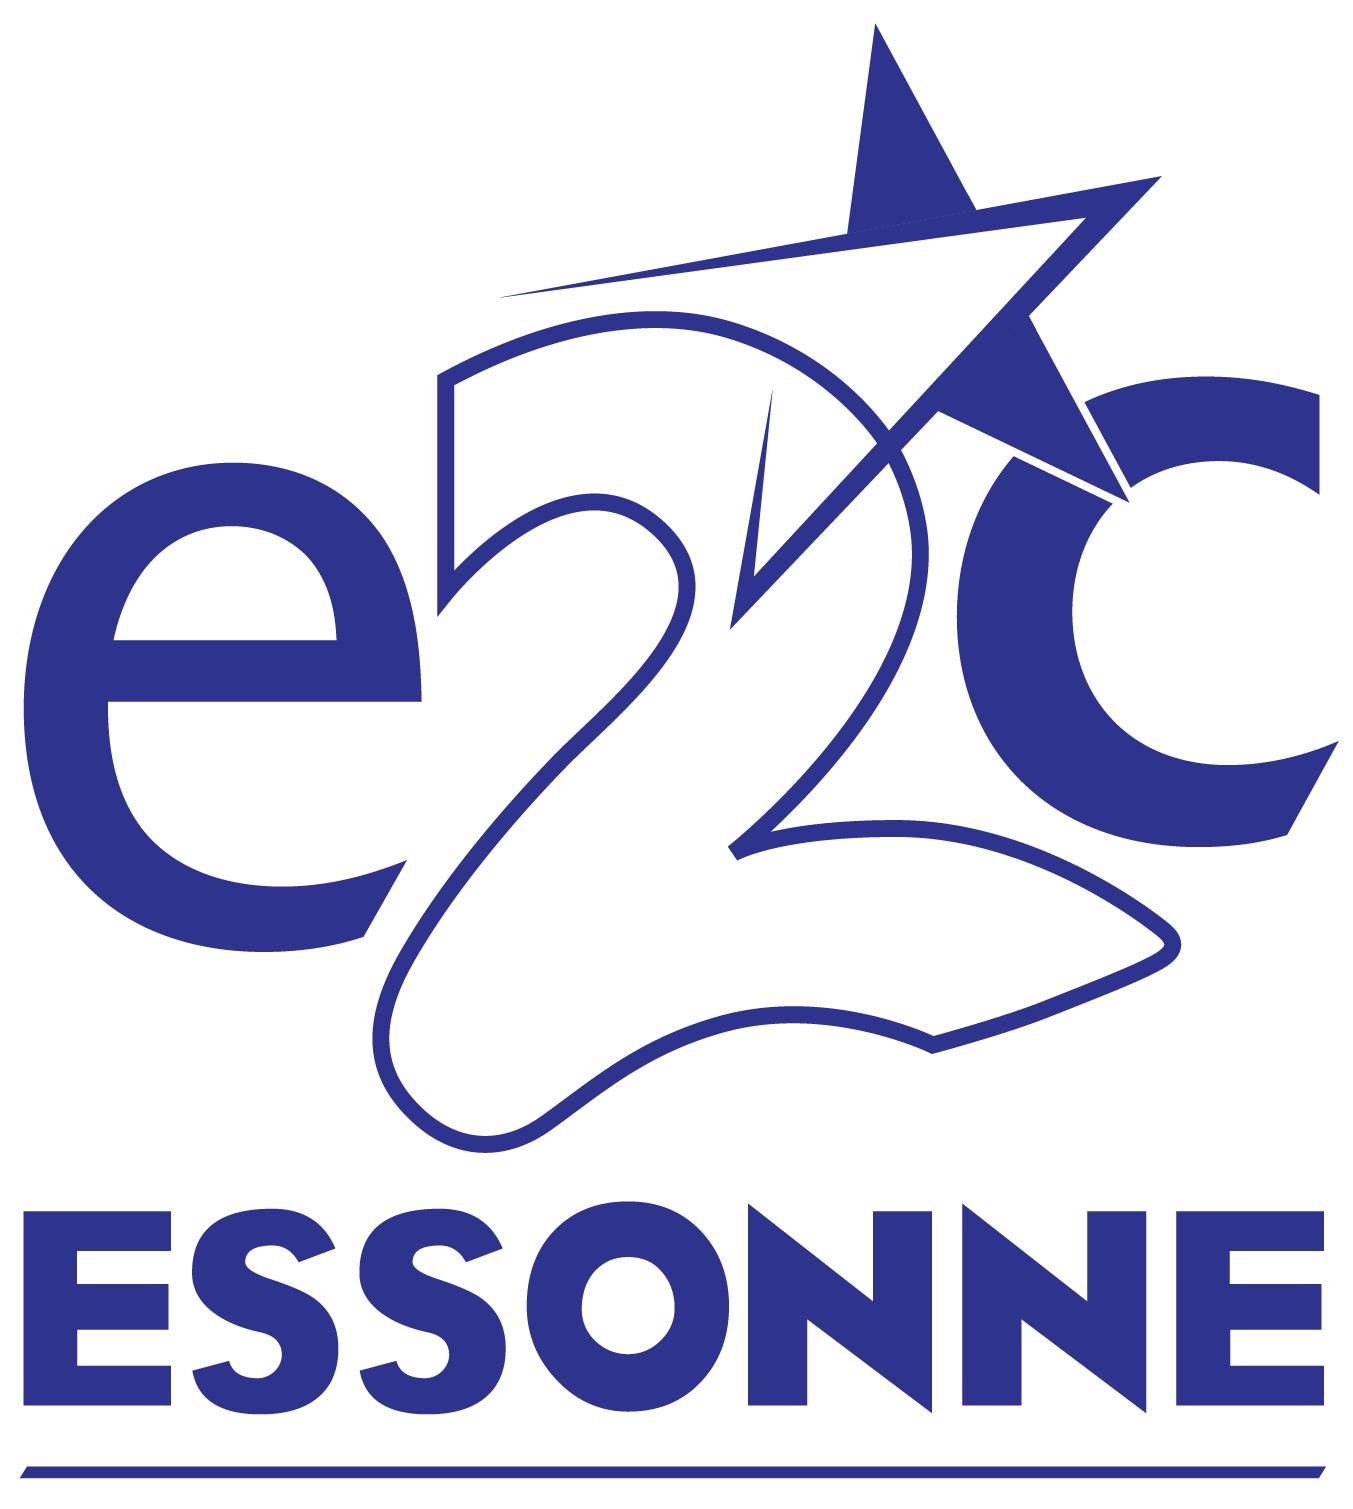 E2C Essonne